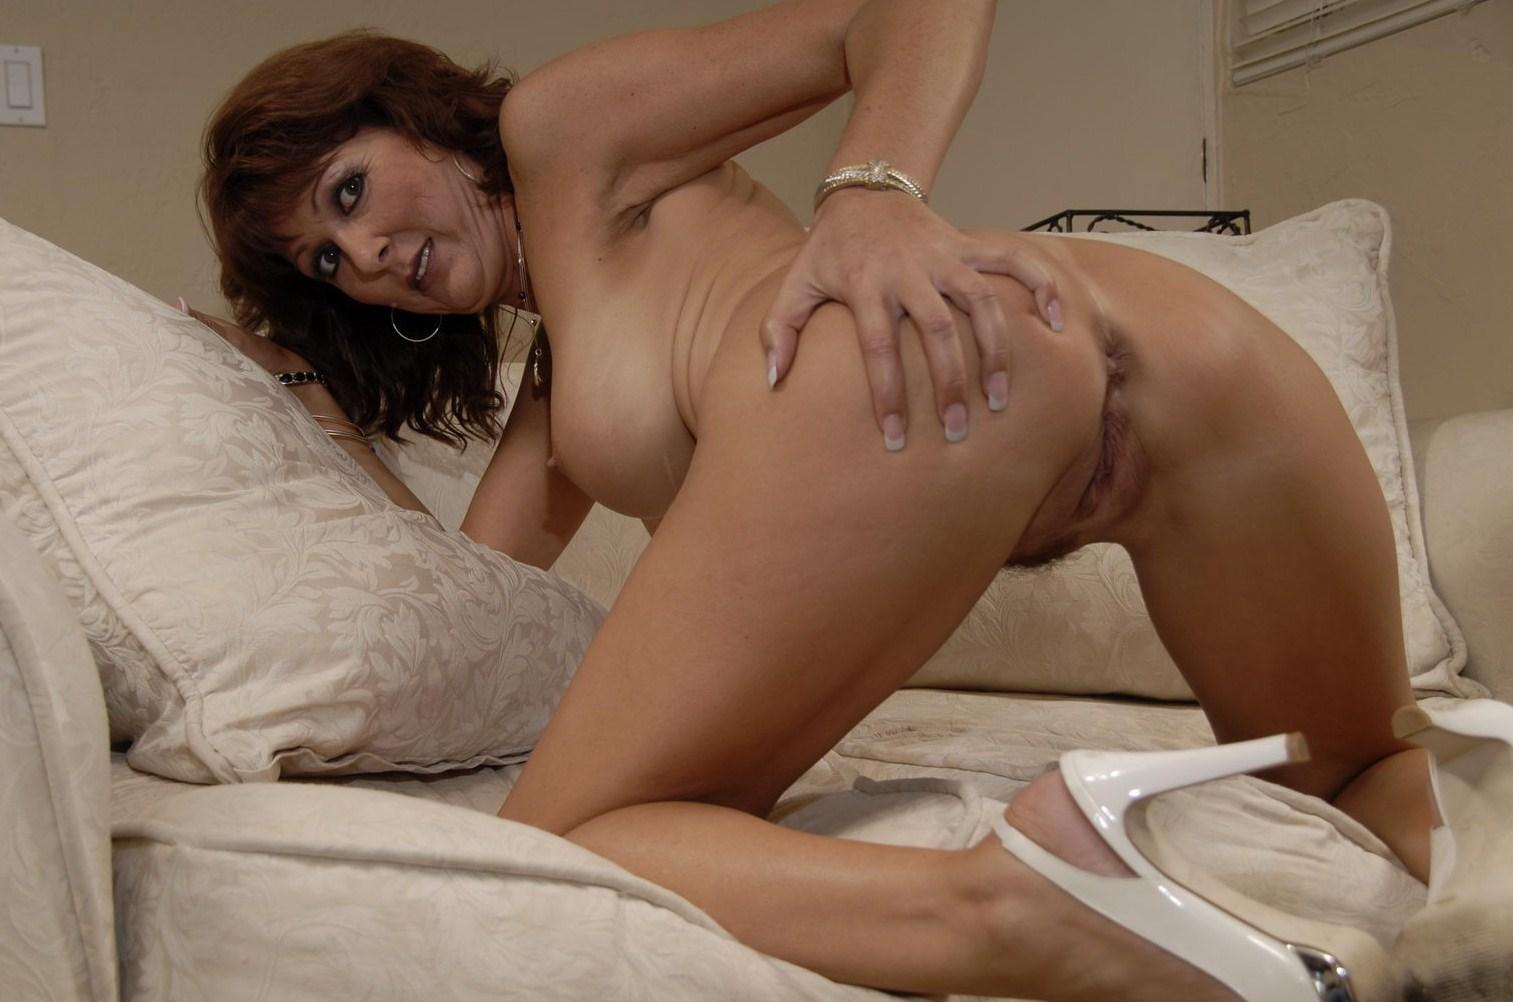 69 escort nakenbilder kvinnor